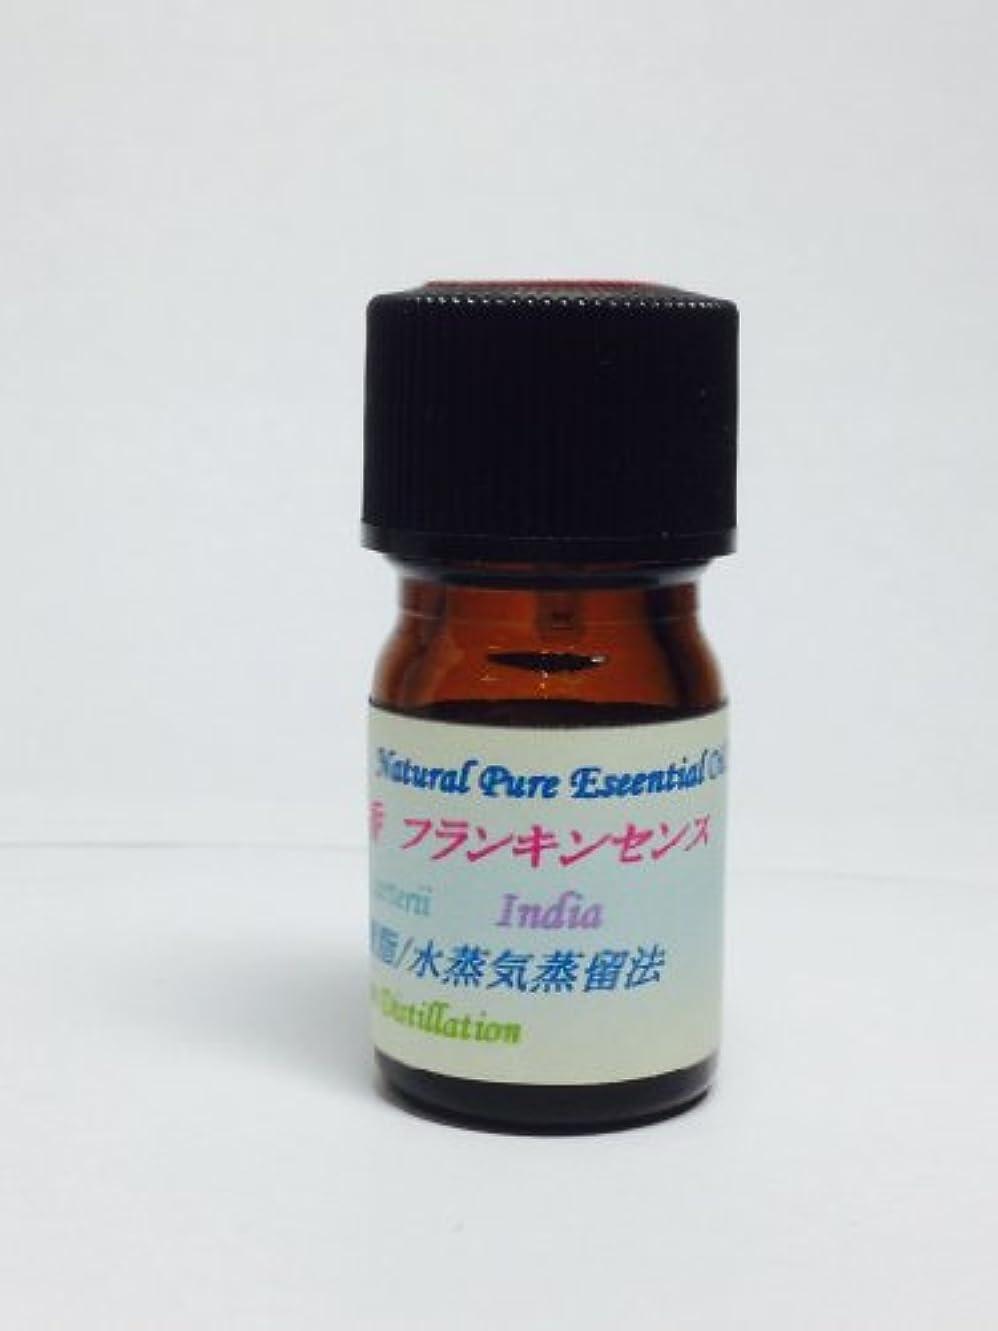 木製因子手のひらフランキンセンス (オリバナム) エッセンシャルオイル 乳香 精油 10ml